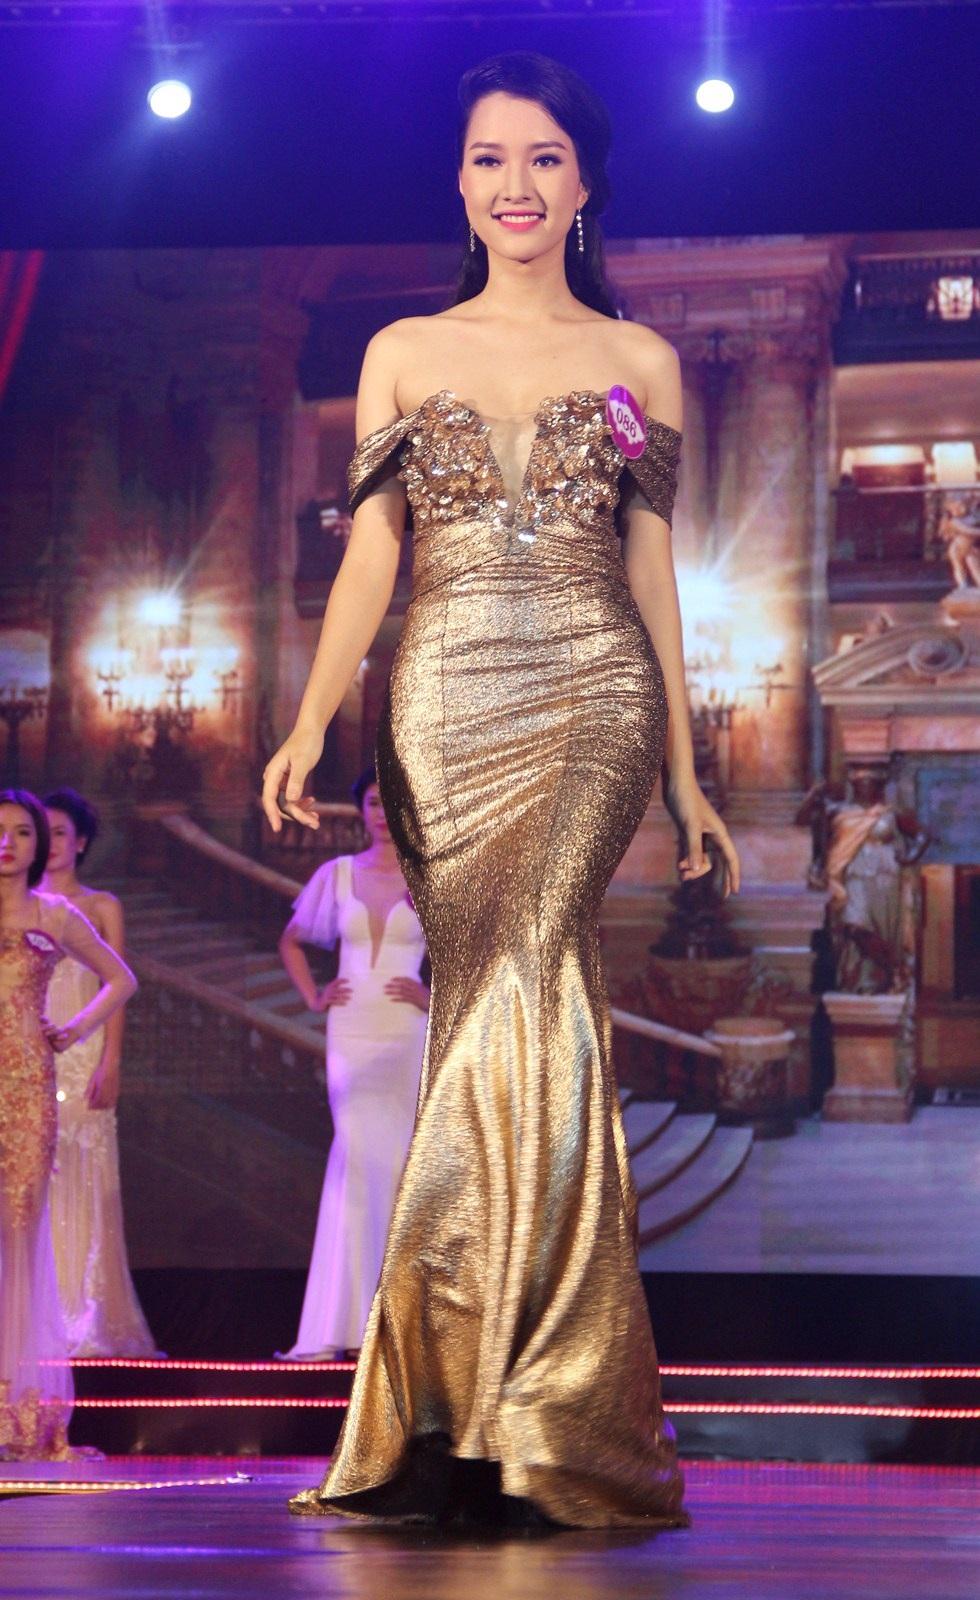 Người đẹp thứ nhất Lê Trần Ngọc Trân ấn tượng qua các phần trình diễn áo dài - áo tắm - trang phục dạ hội. Cô còn đạt giải Người đẹp ảnh của cuộc thi